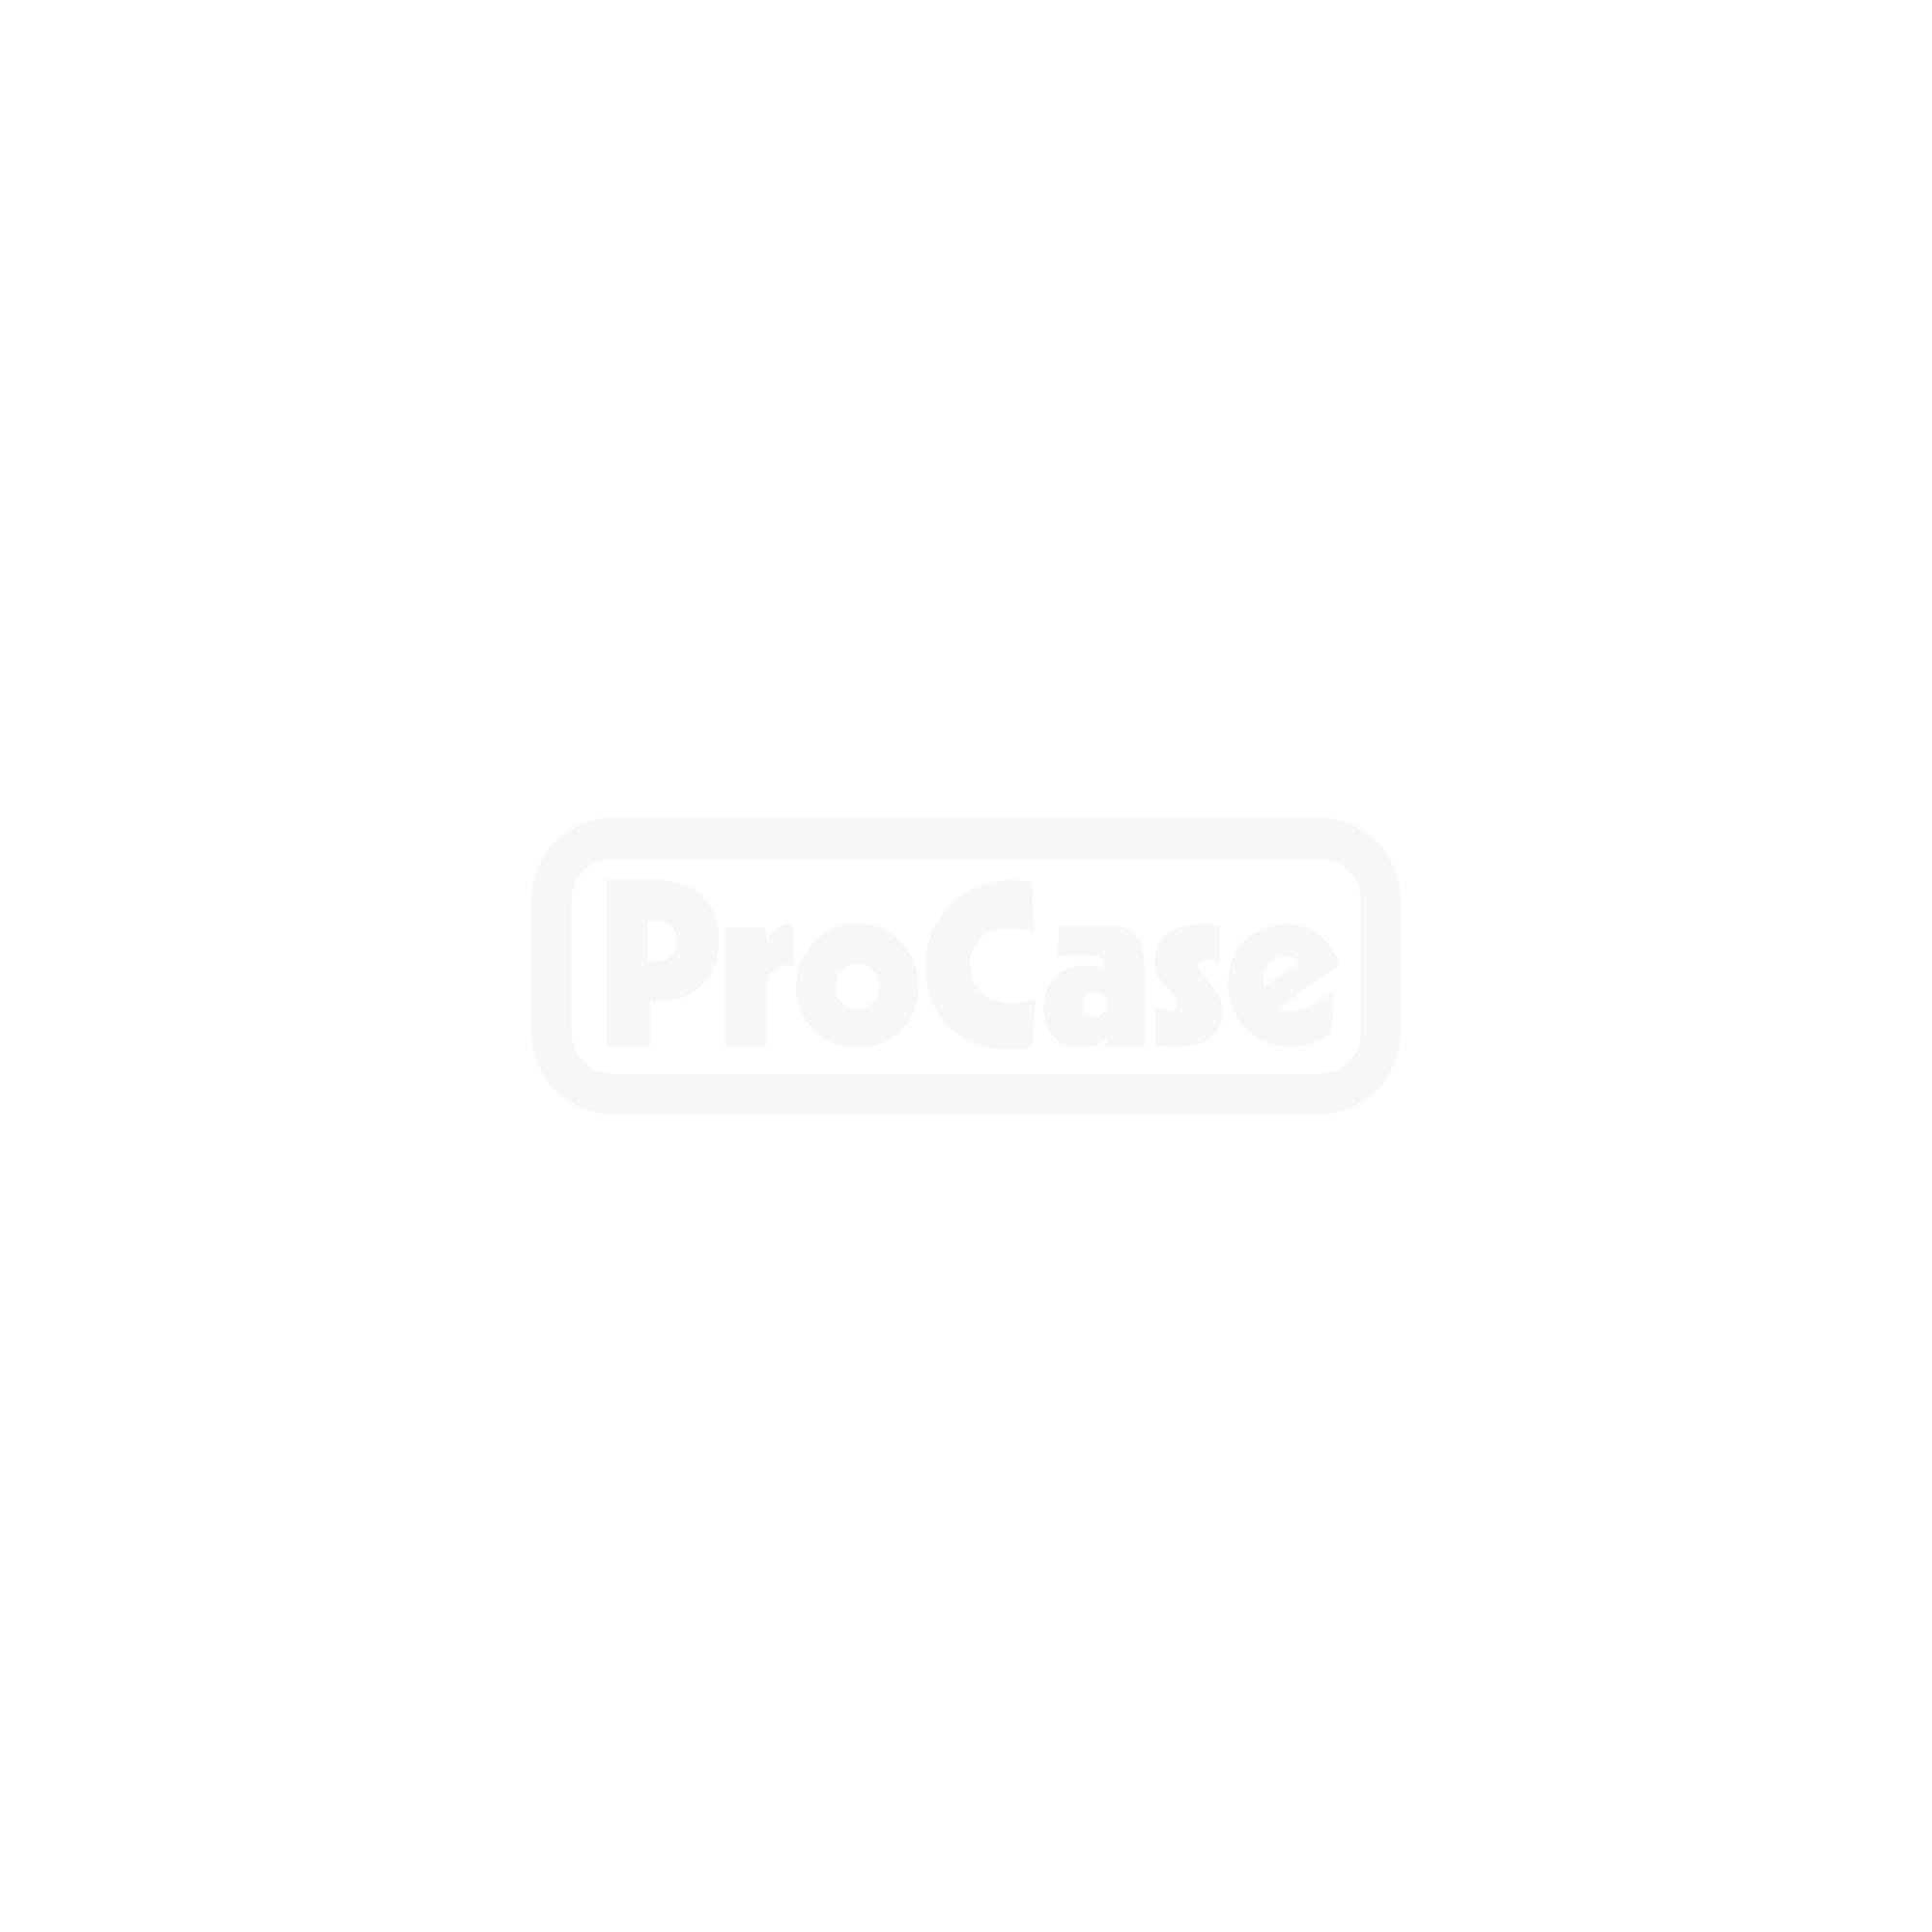 SKB 3i Koffer 5014-6 leer mit Trolley 3